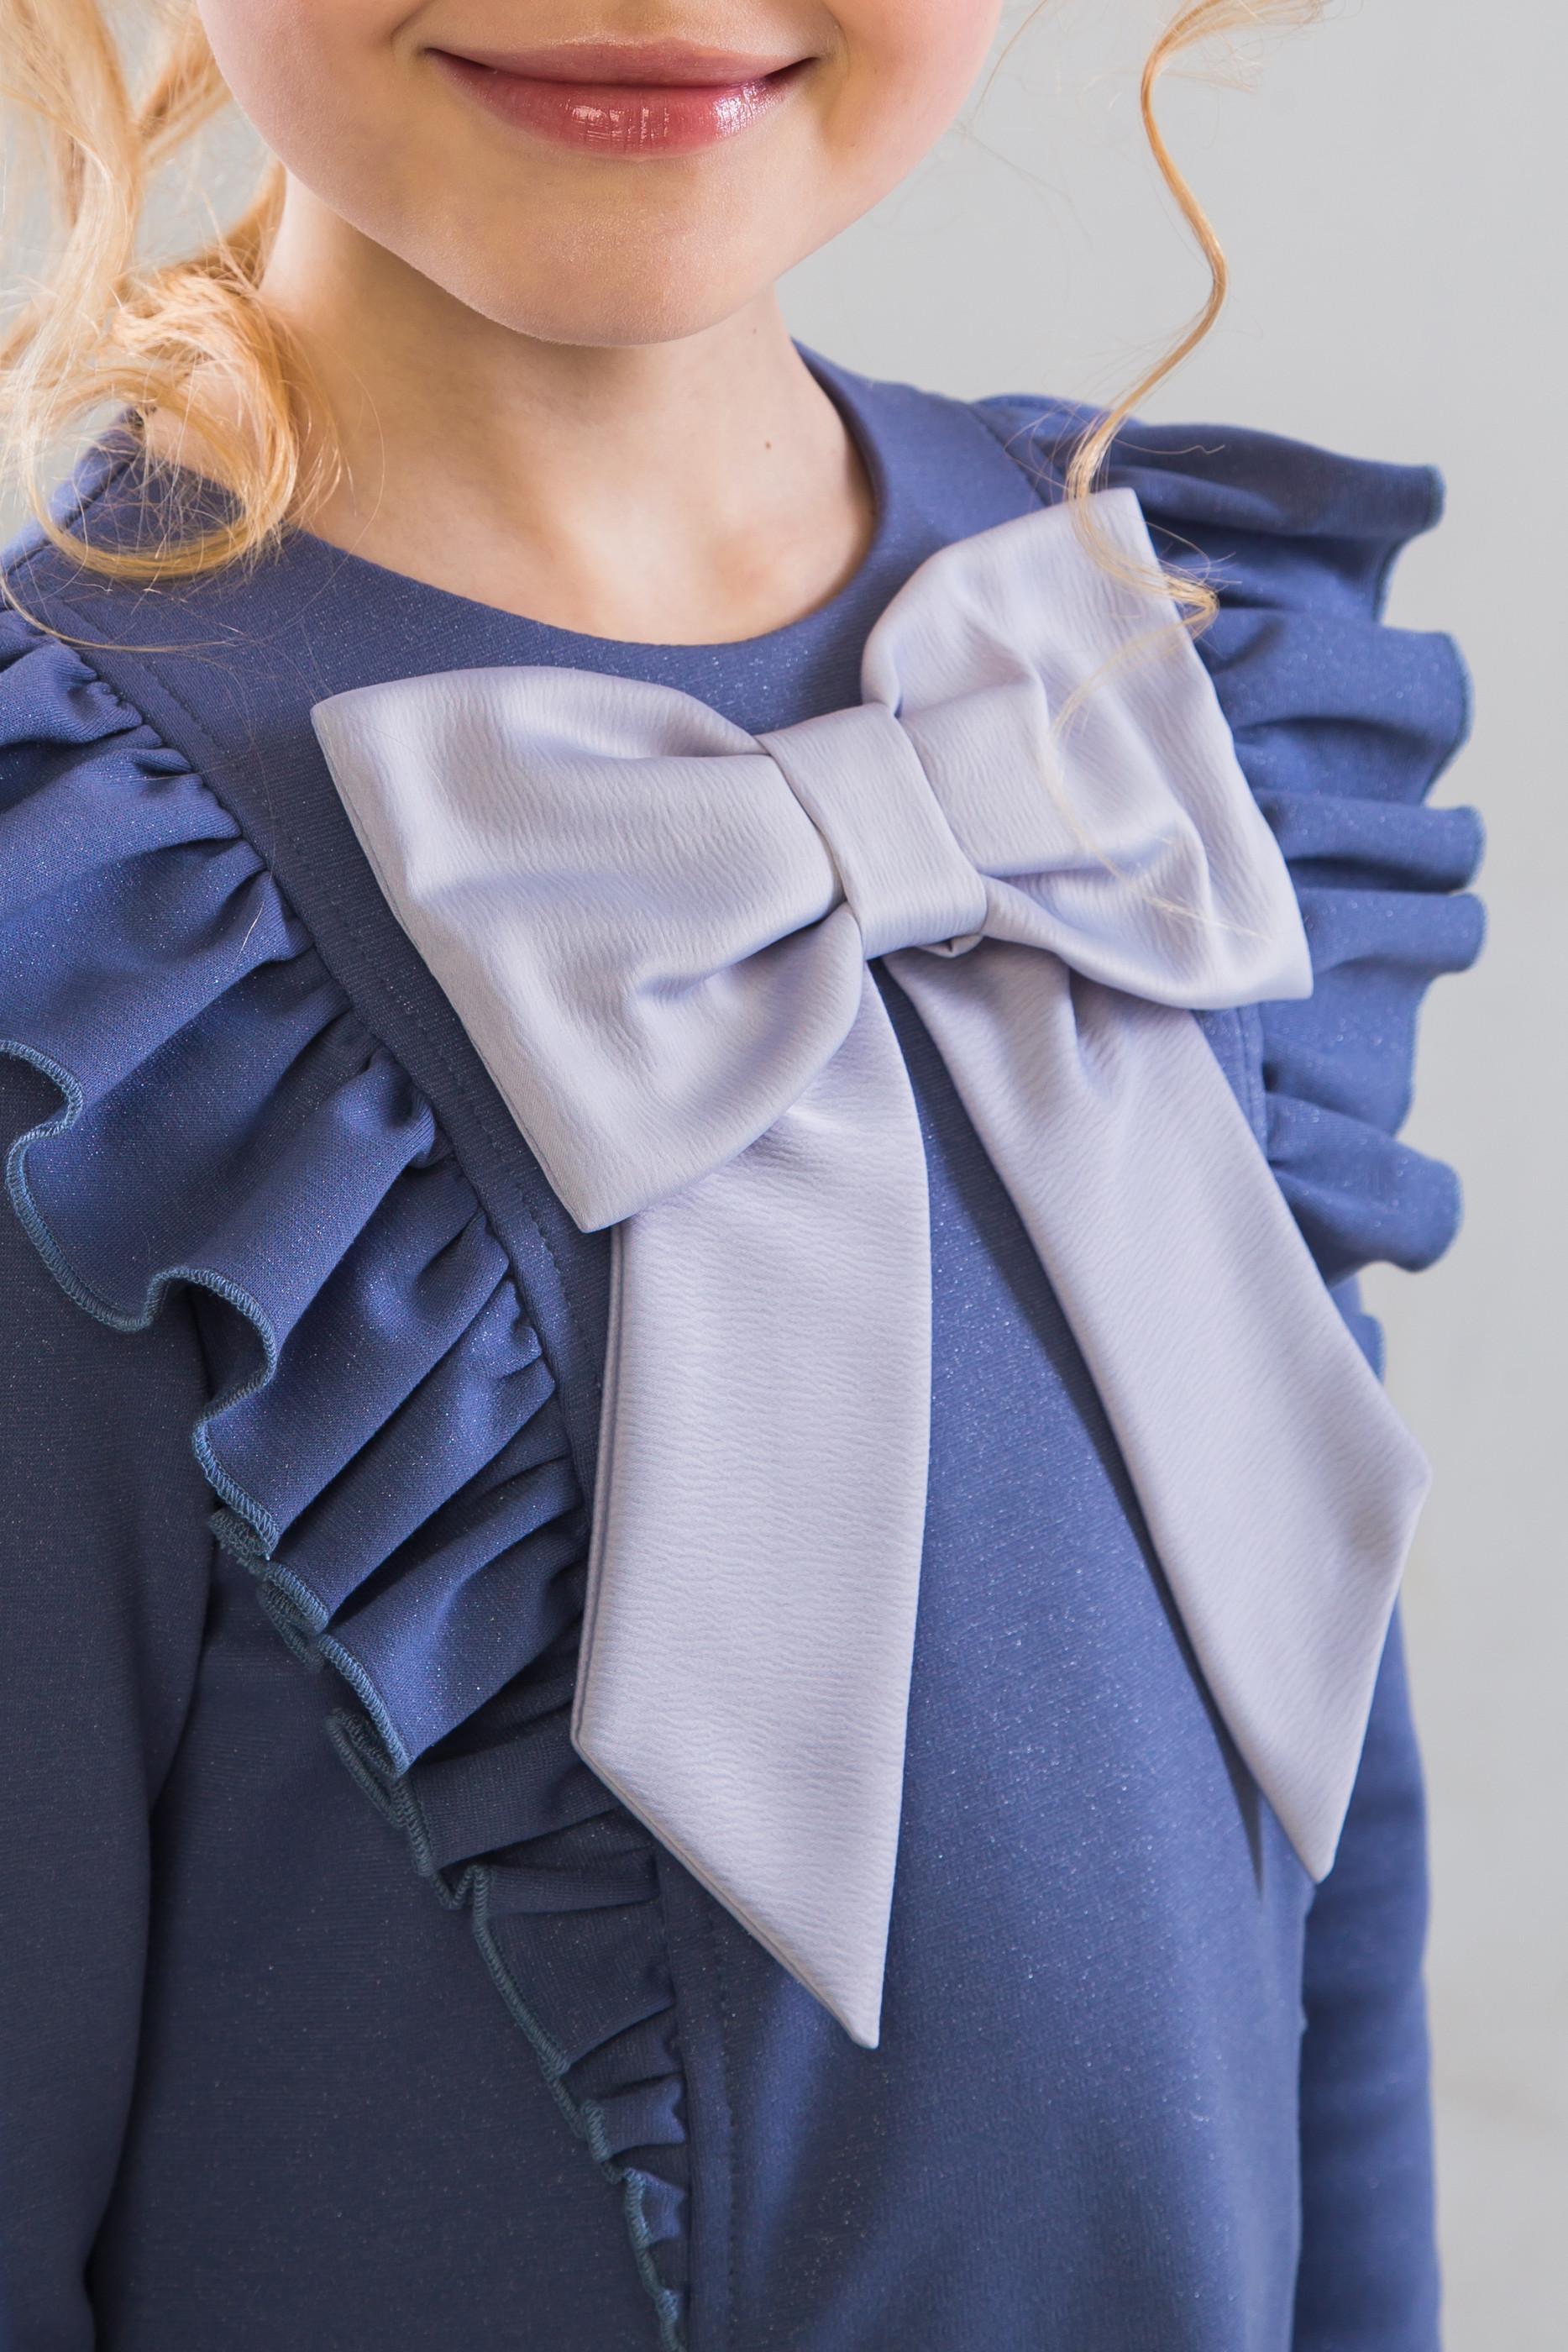 Плаття Емі, фото №4